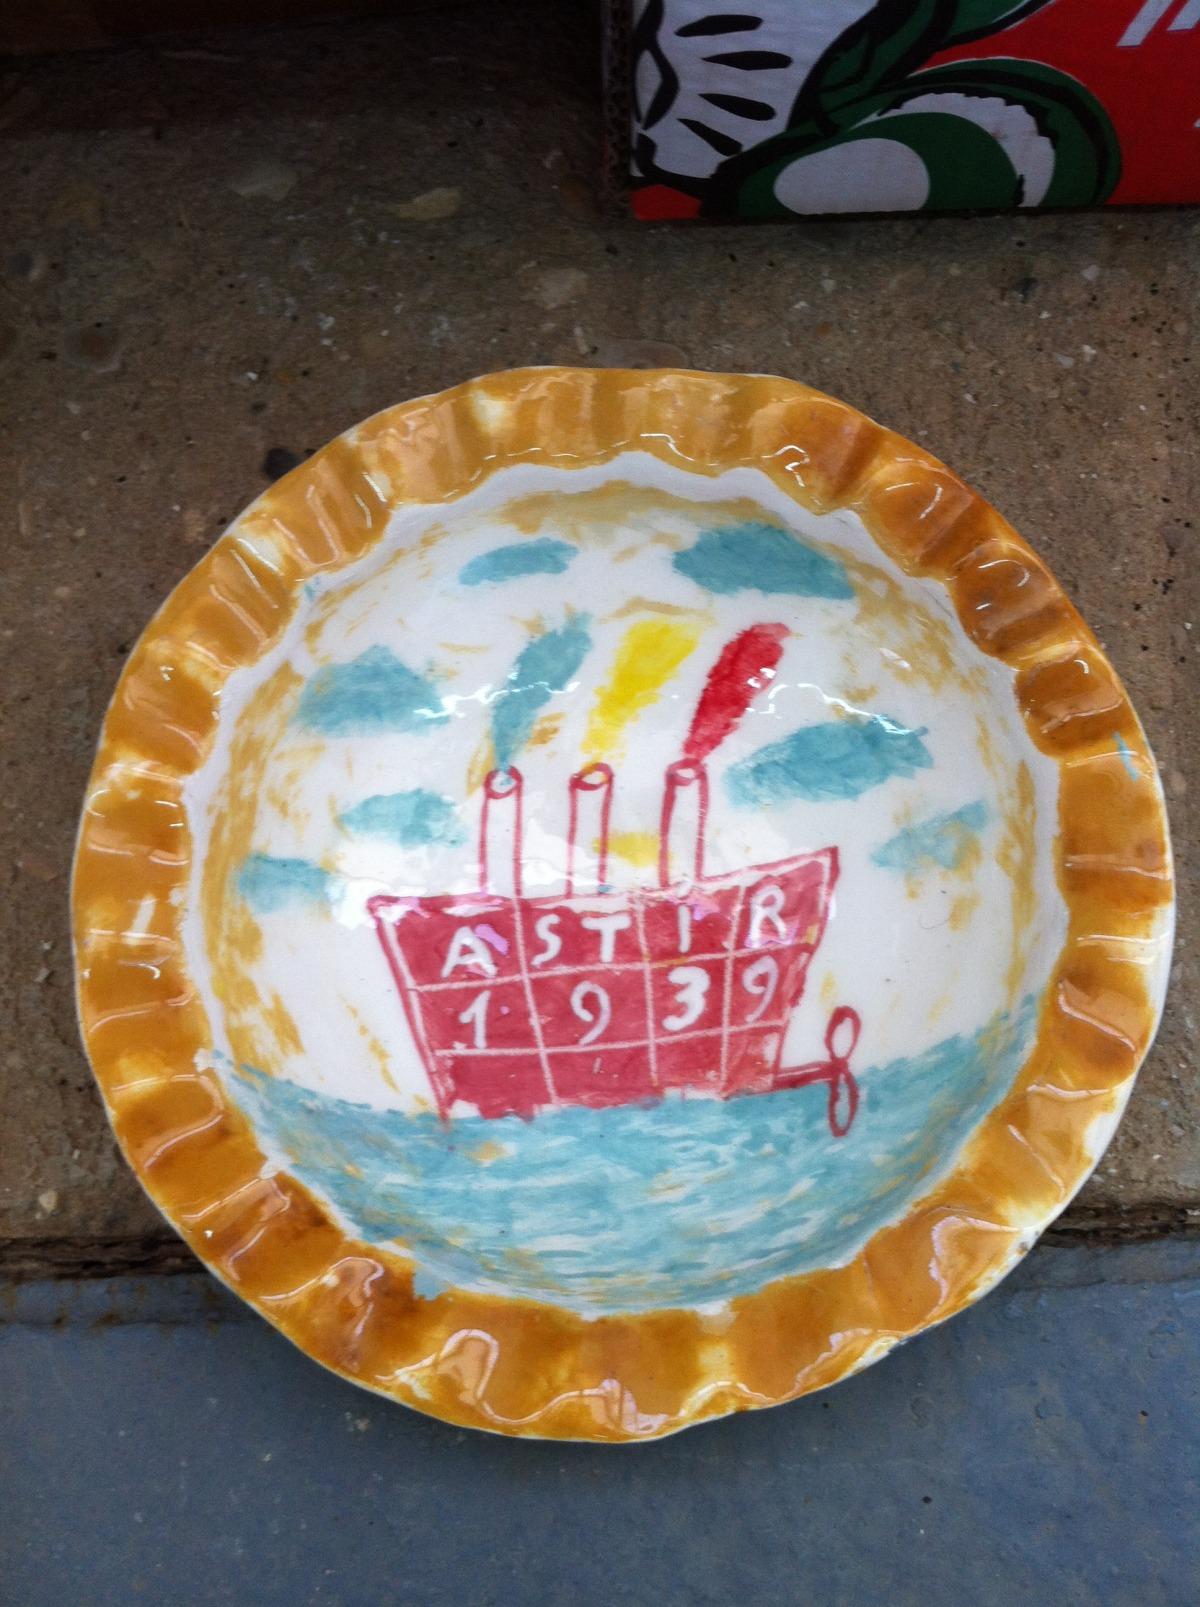 האניה אסטיר, צבע על צלחת קרמיקה , 2015